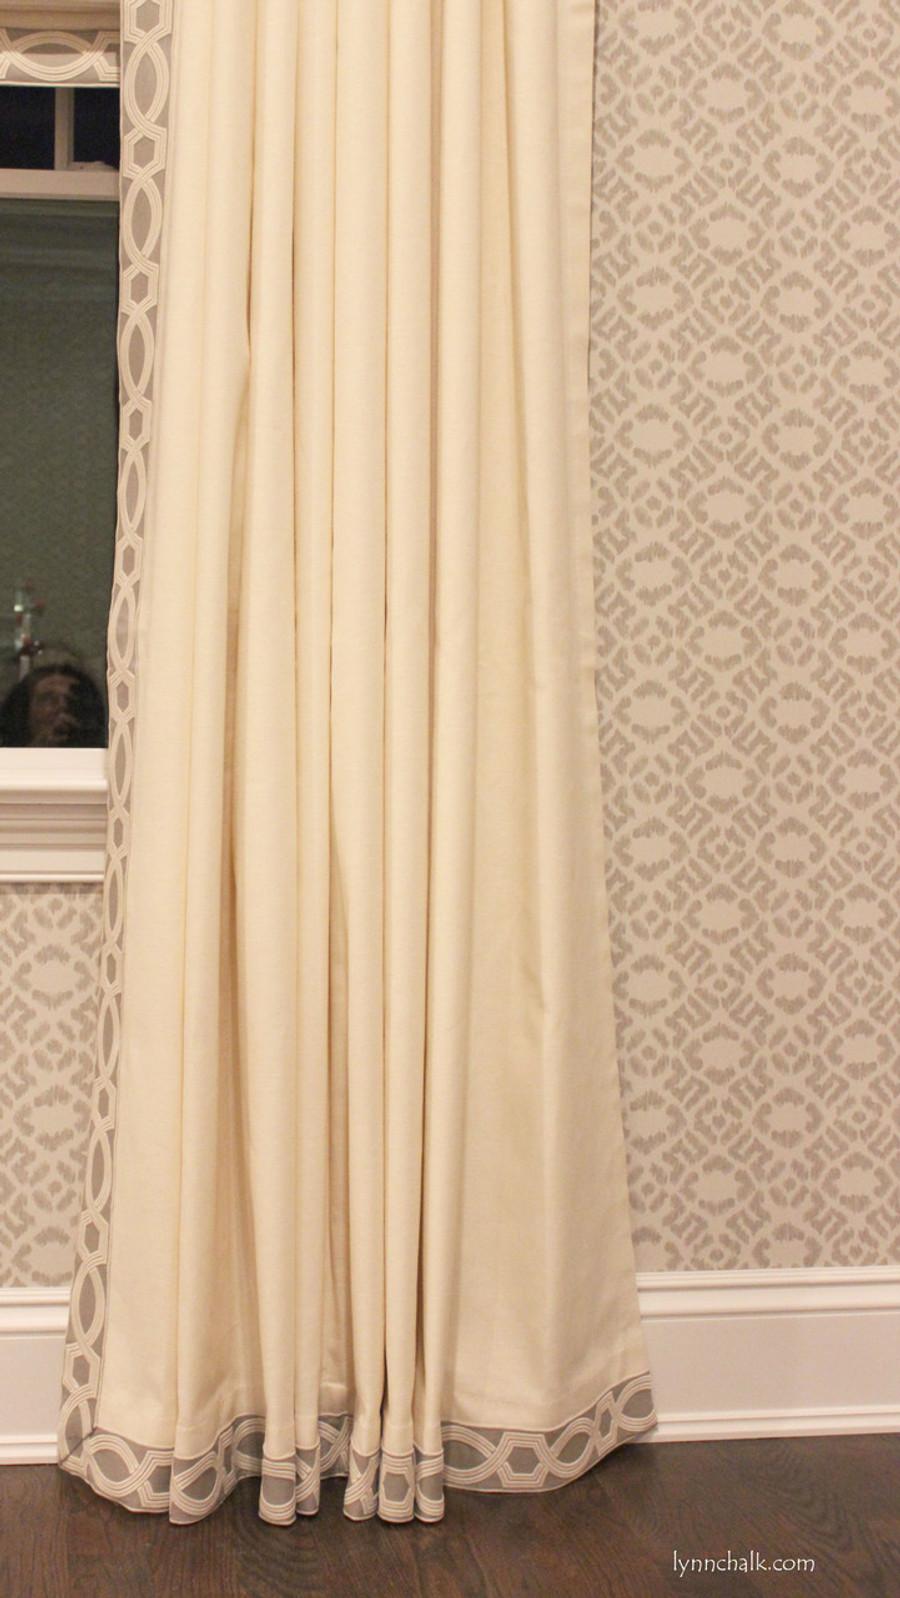 Trend Linen/Cotton 01838T Roman Shades in Triple Window